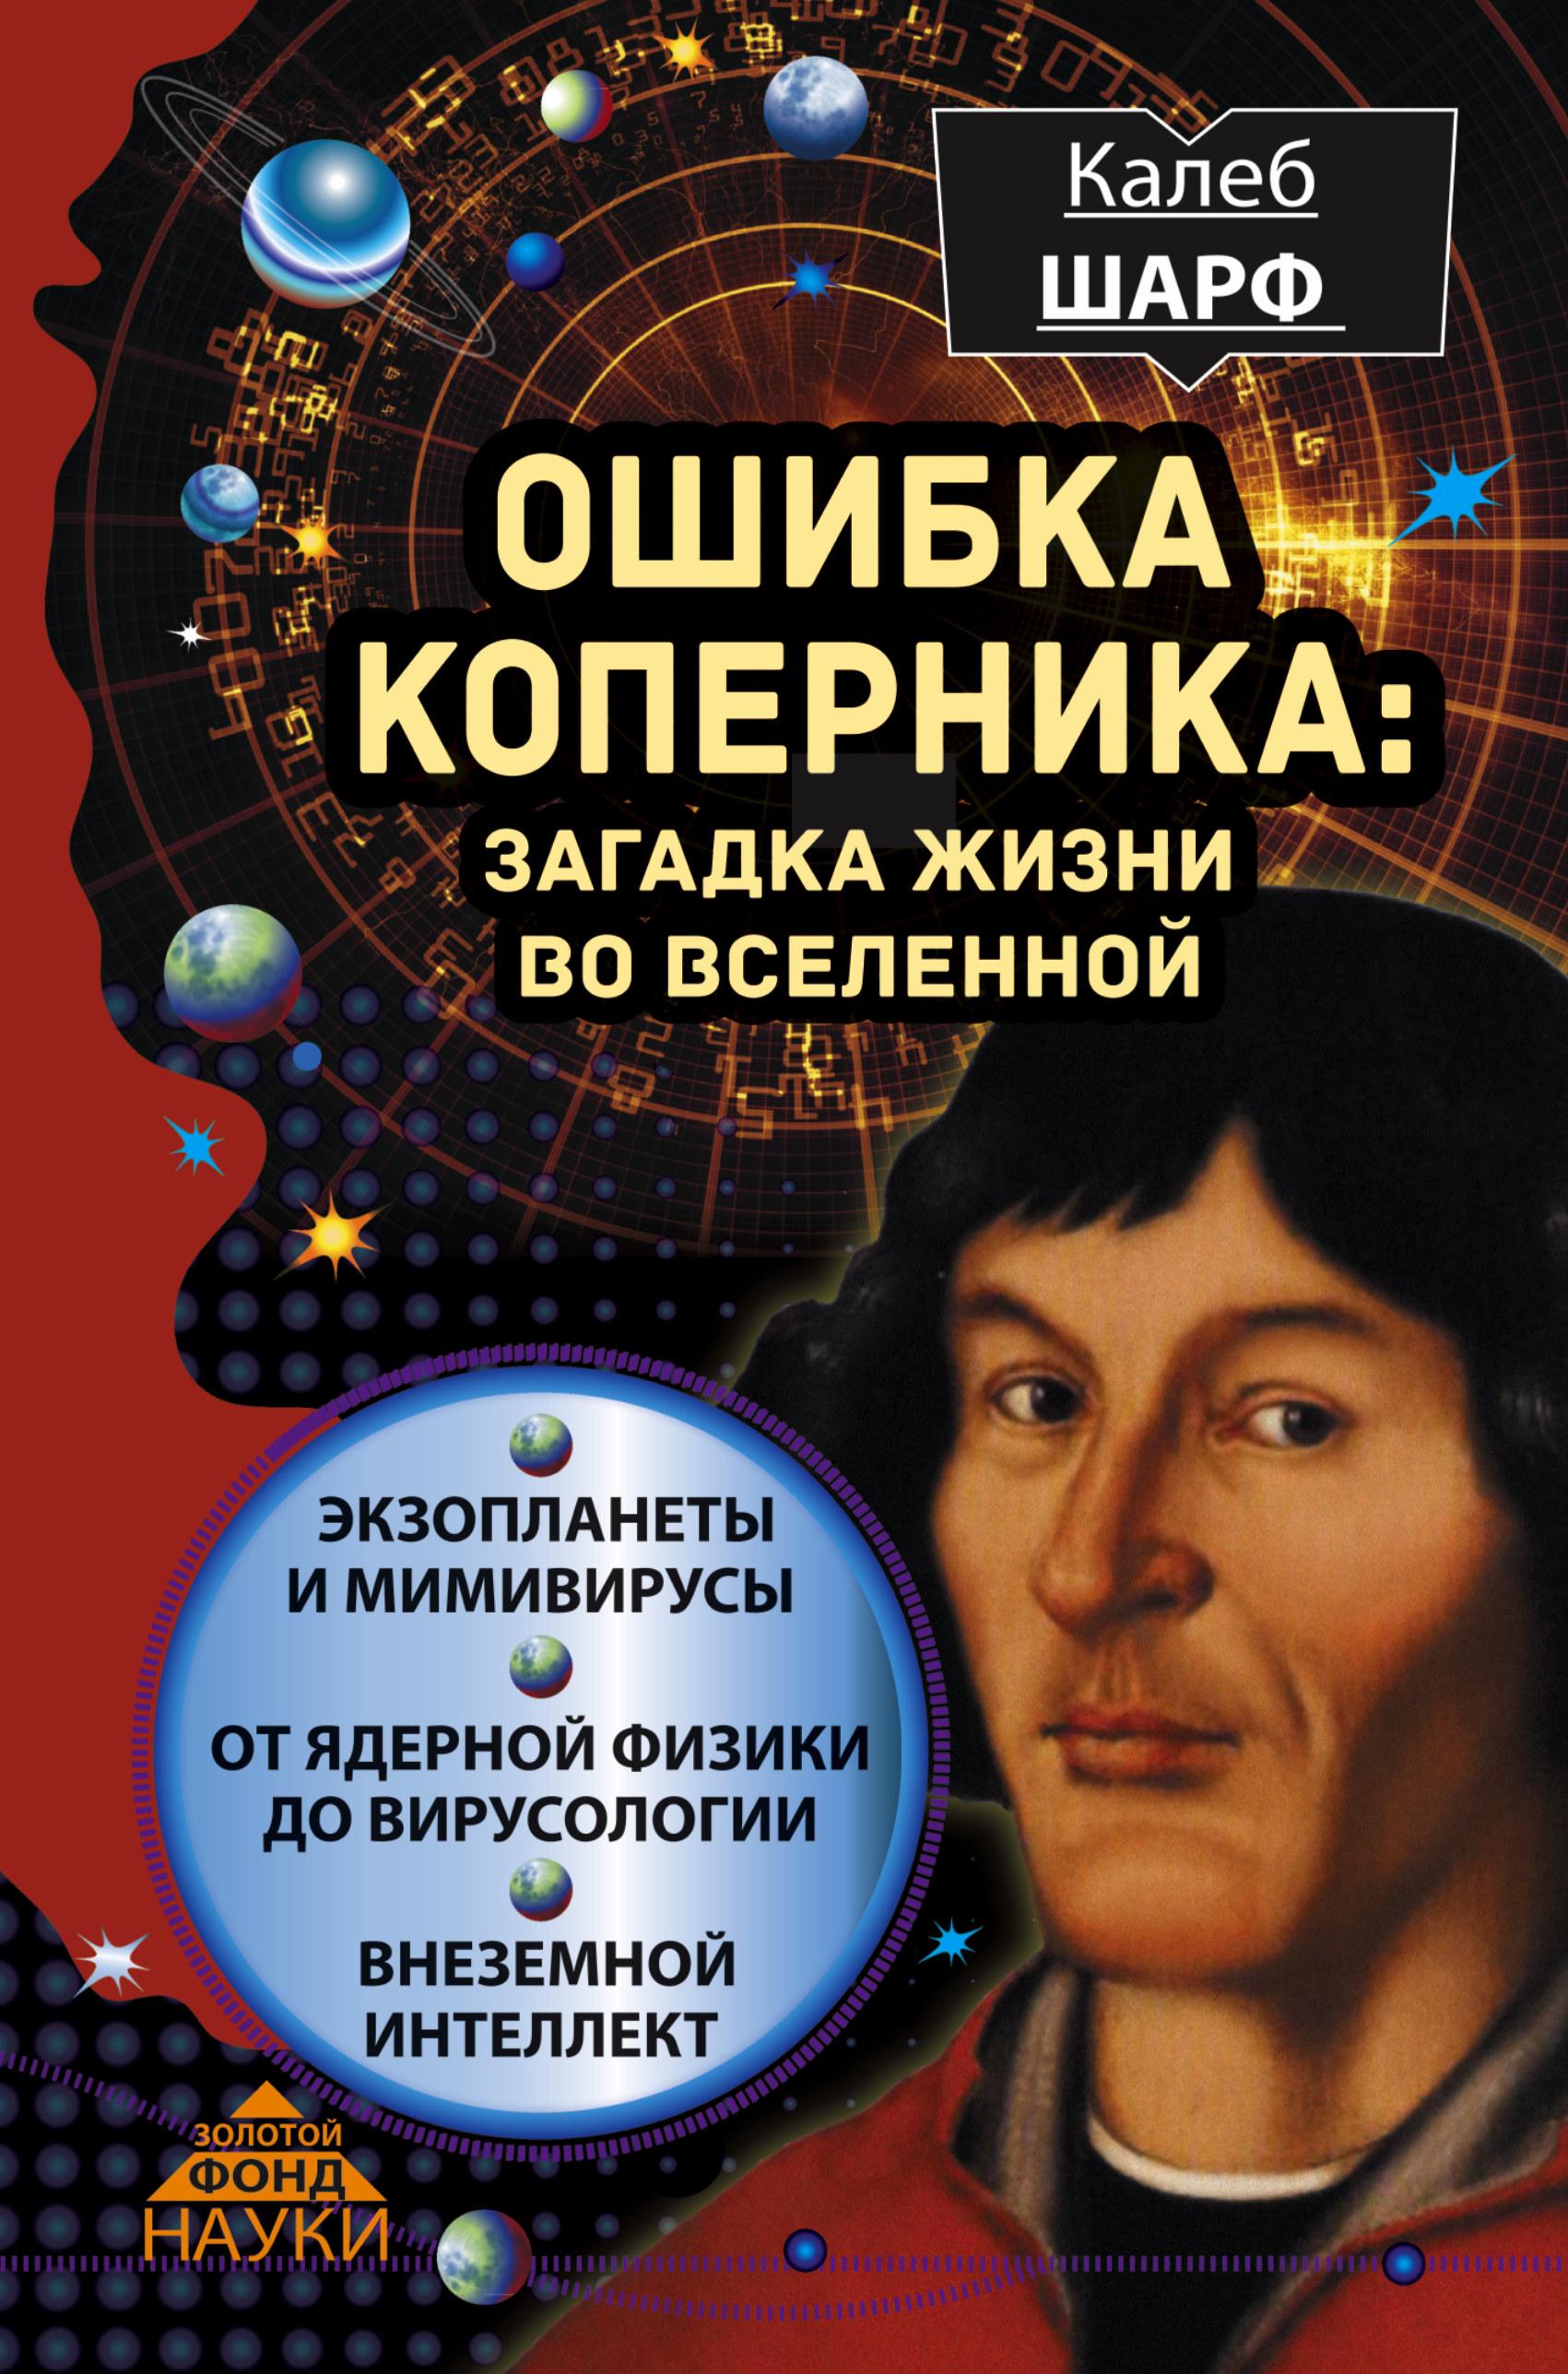 Ошибка Коперника: загадка жизни во Вселенной ( Шарф Калеб  )